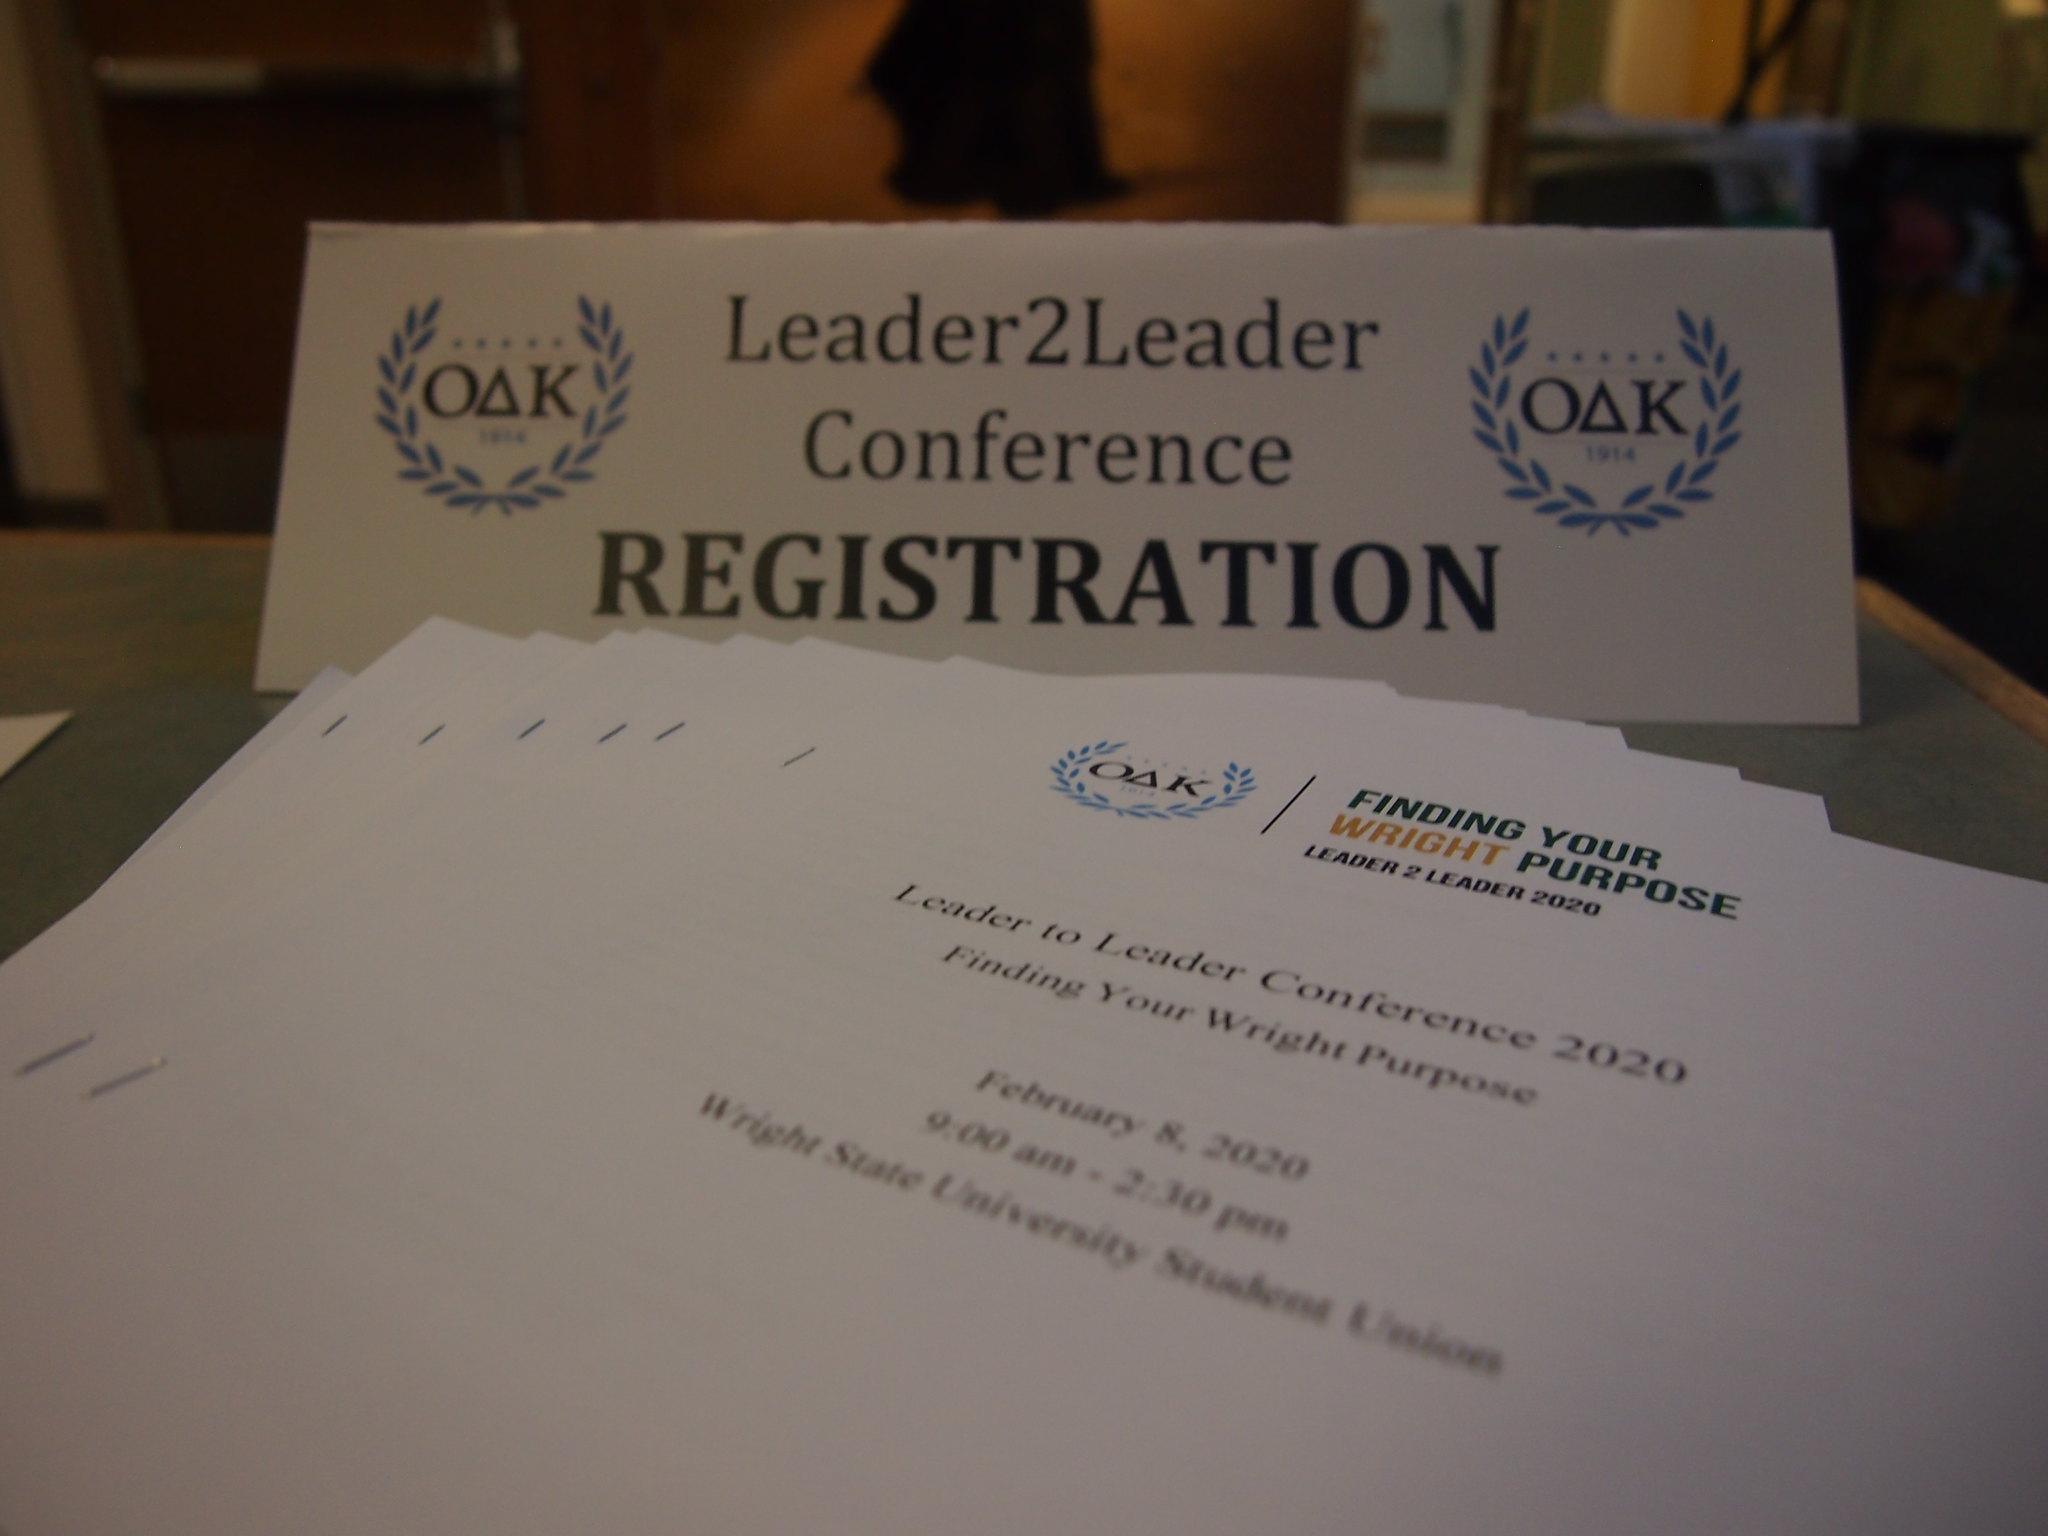 Leader2Leader Conference 2020